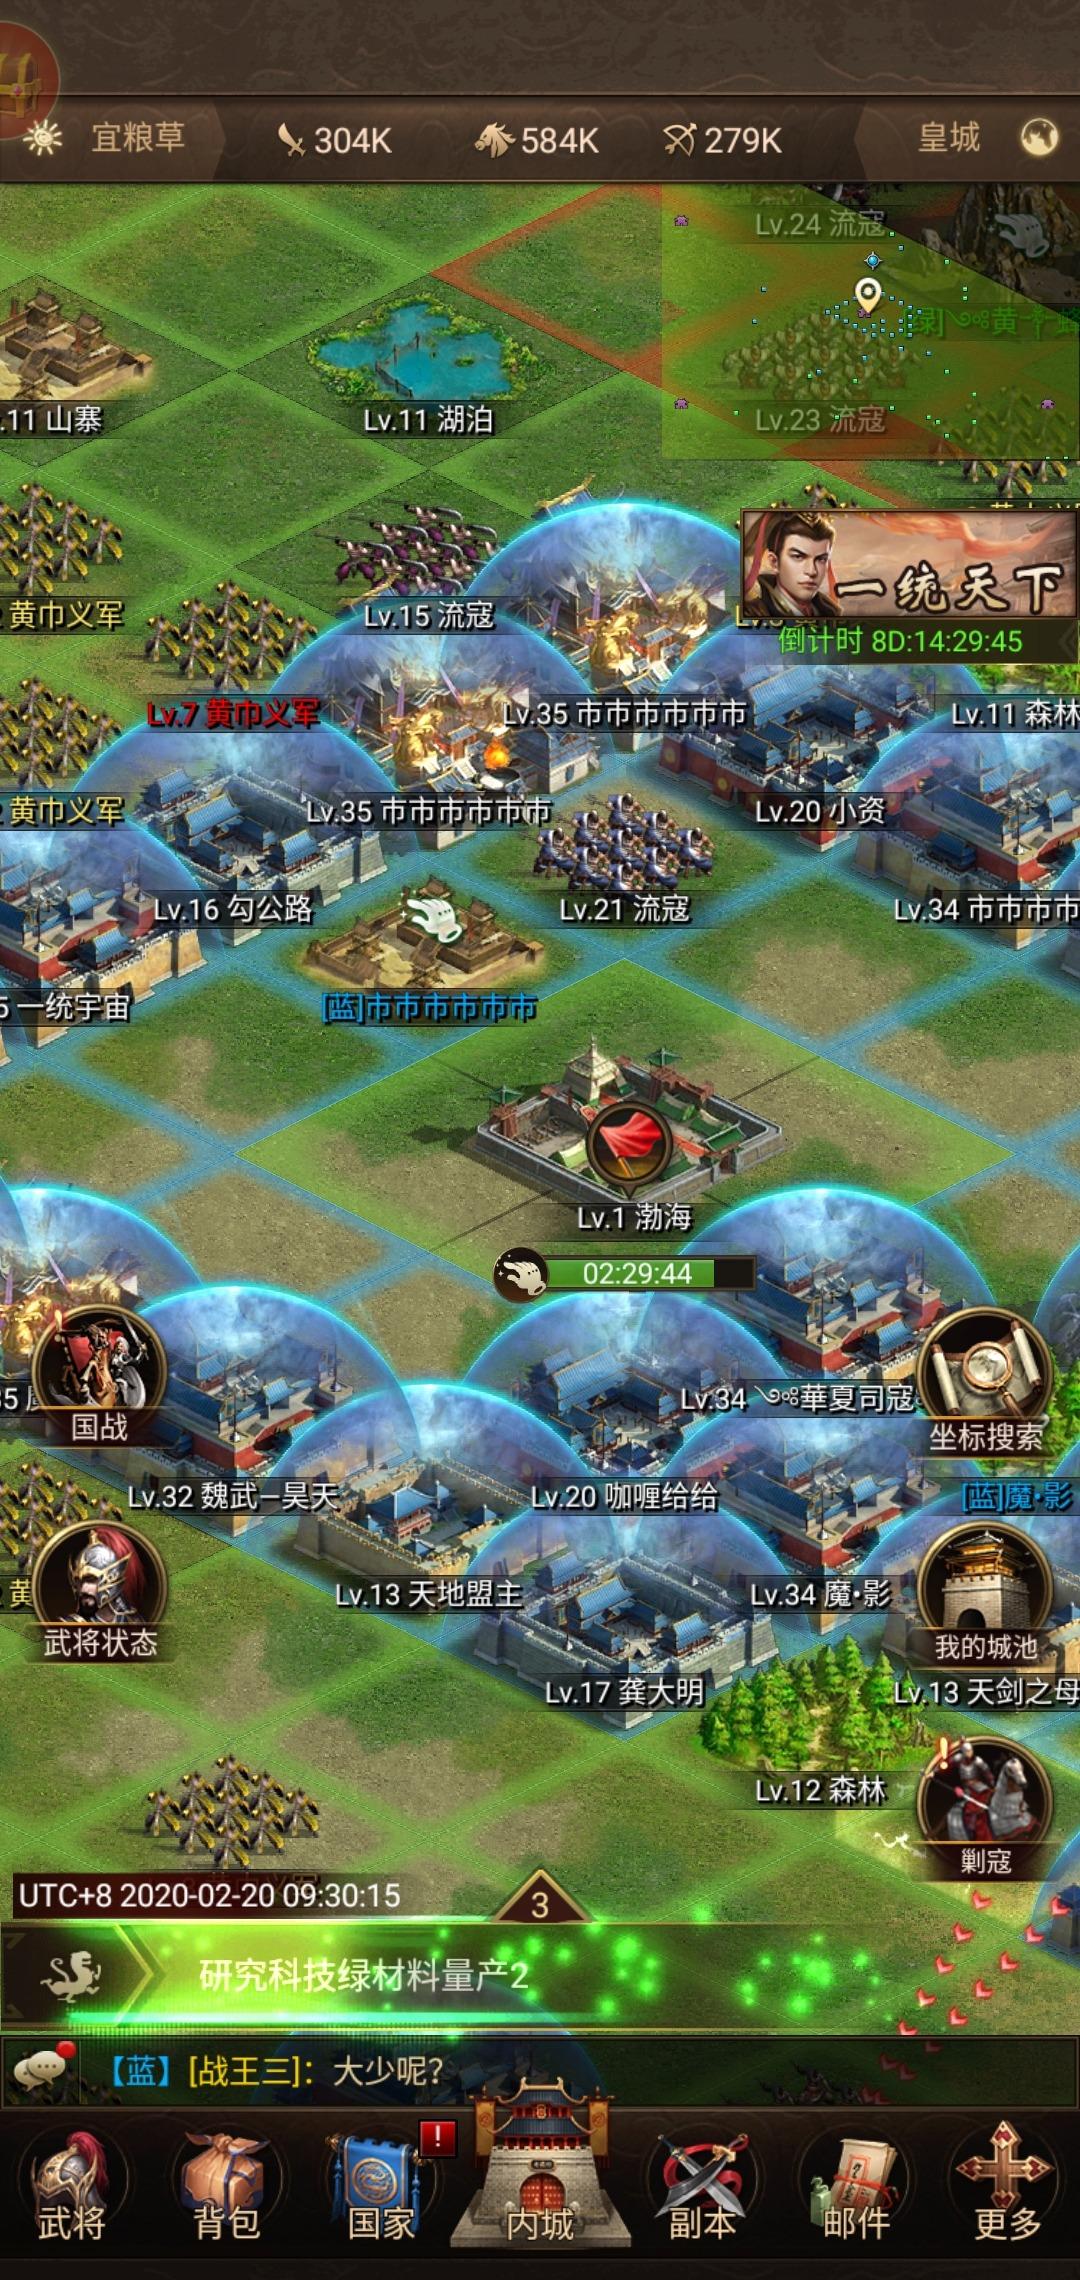 Screenshot_2020-02-20-09-30-17-657_com.jedigames.p16.mi.jpg